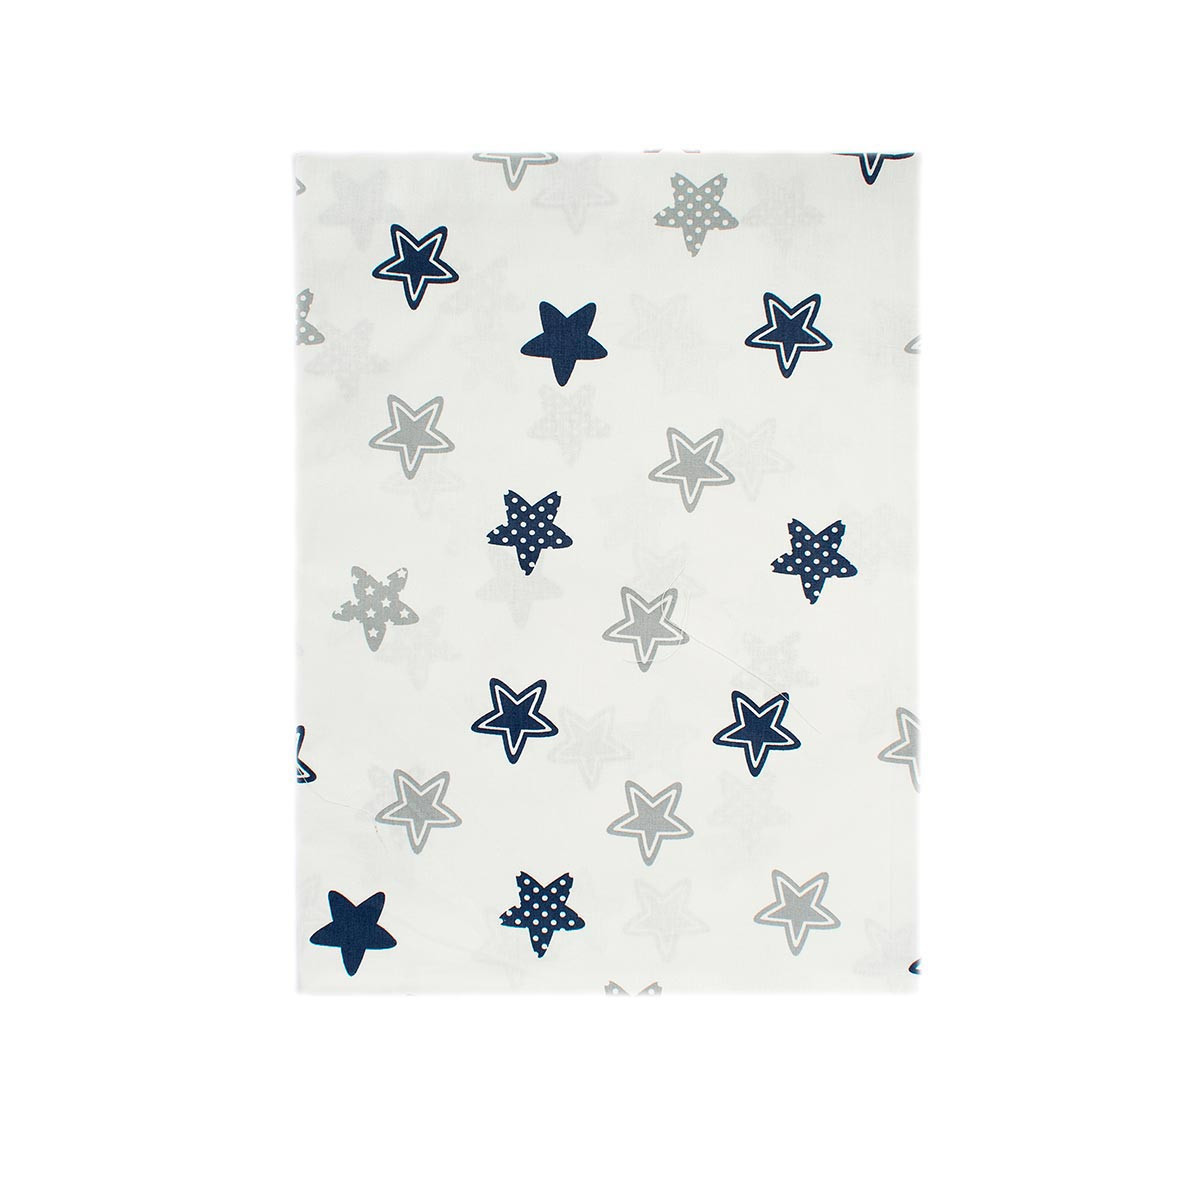 Σεντόνια Μονά (Σετ 2τμχ) Dimcol Star 102 Blue